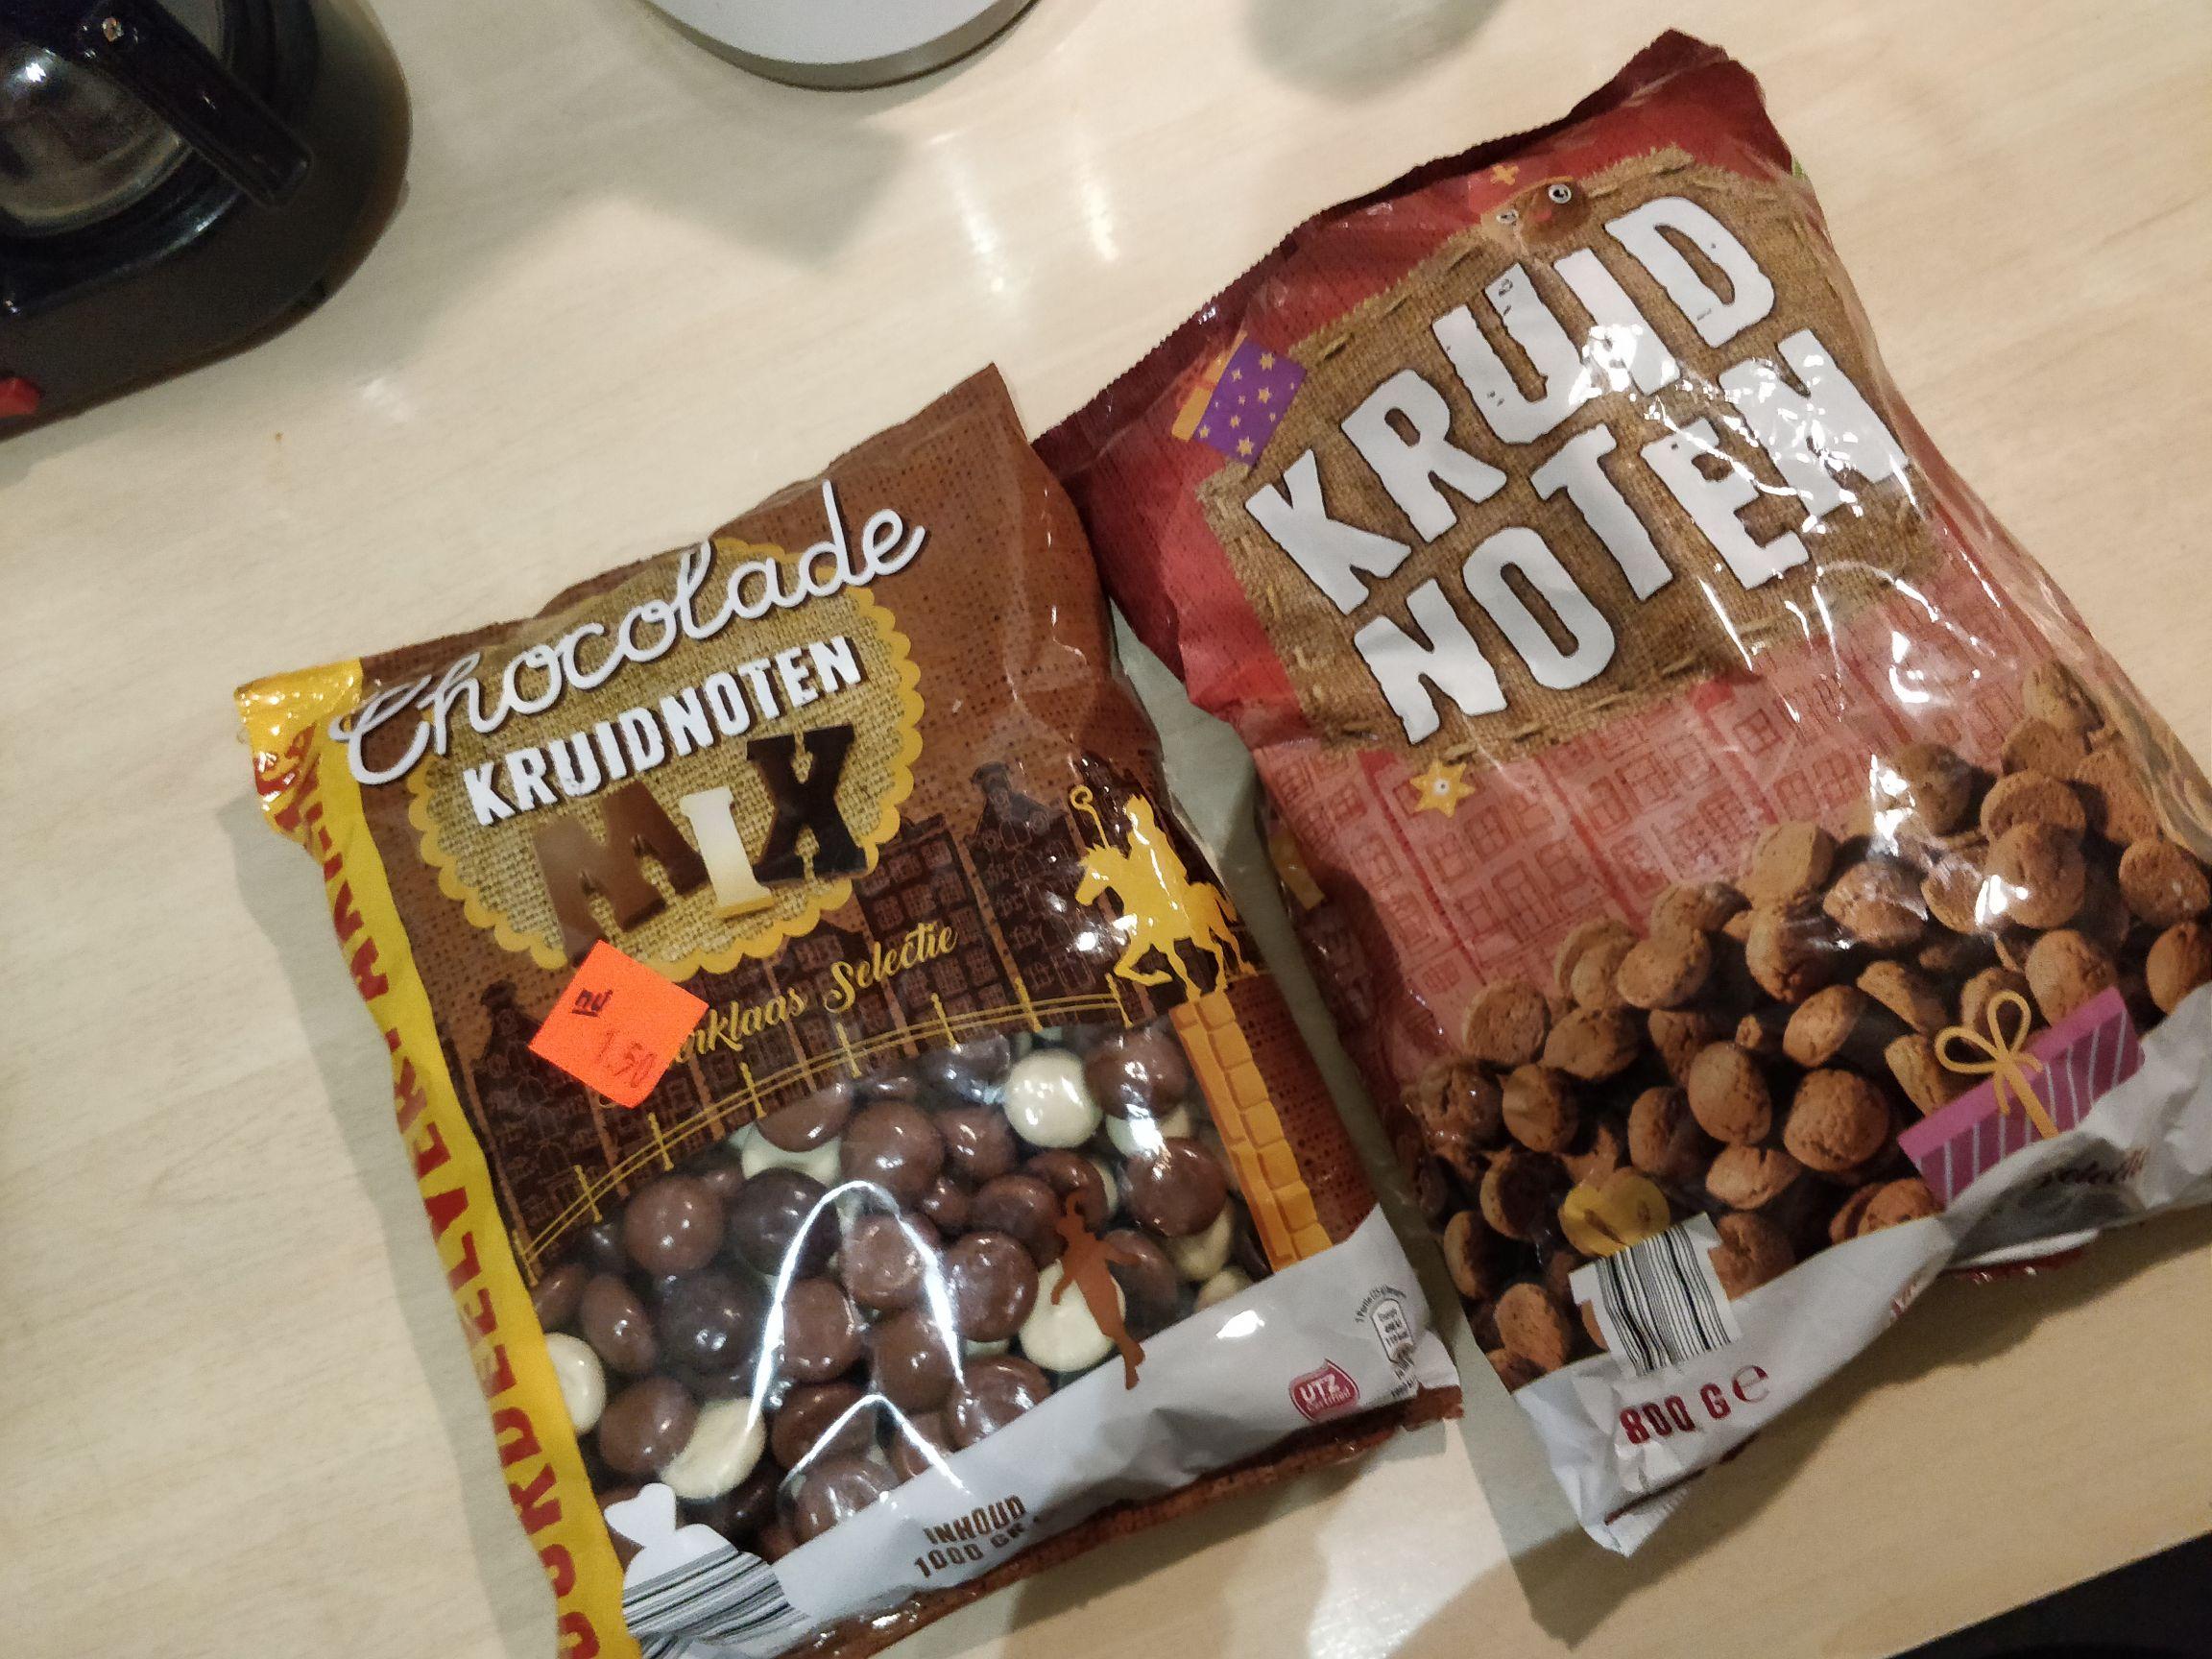 Kruidnoten 0,25 voor 800g (Chocolade 1,50 per kg) @Aldi